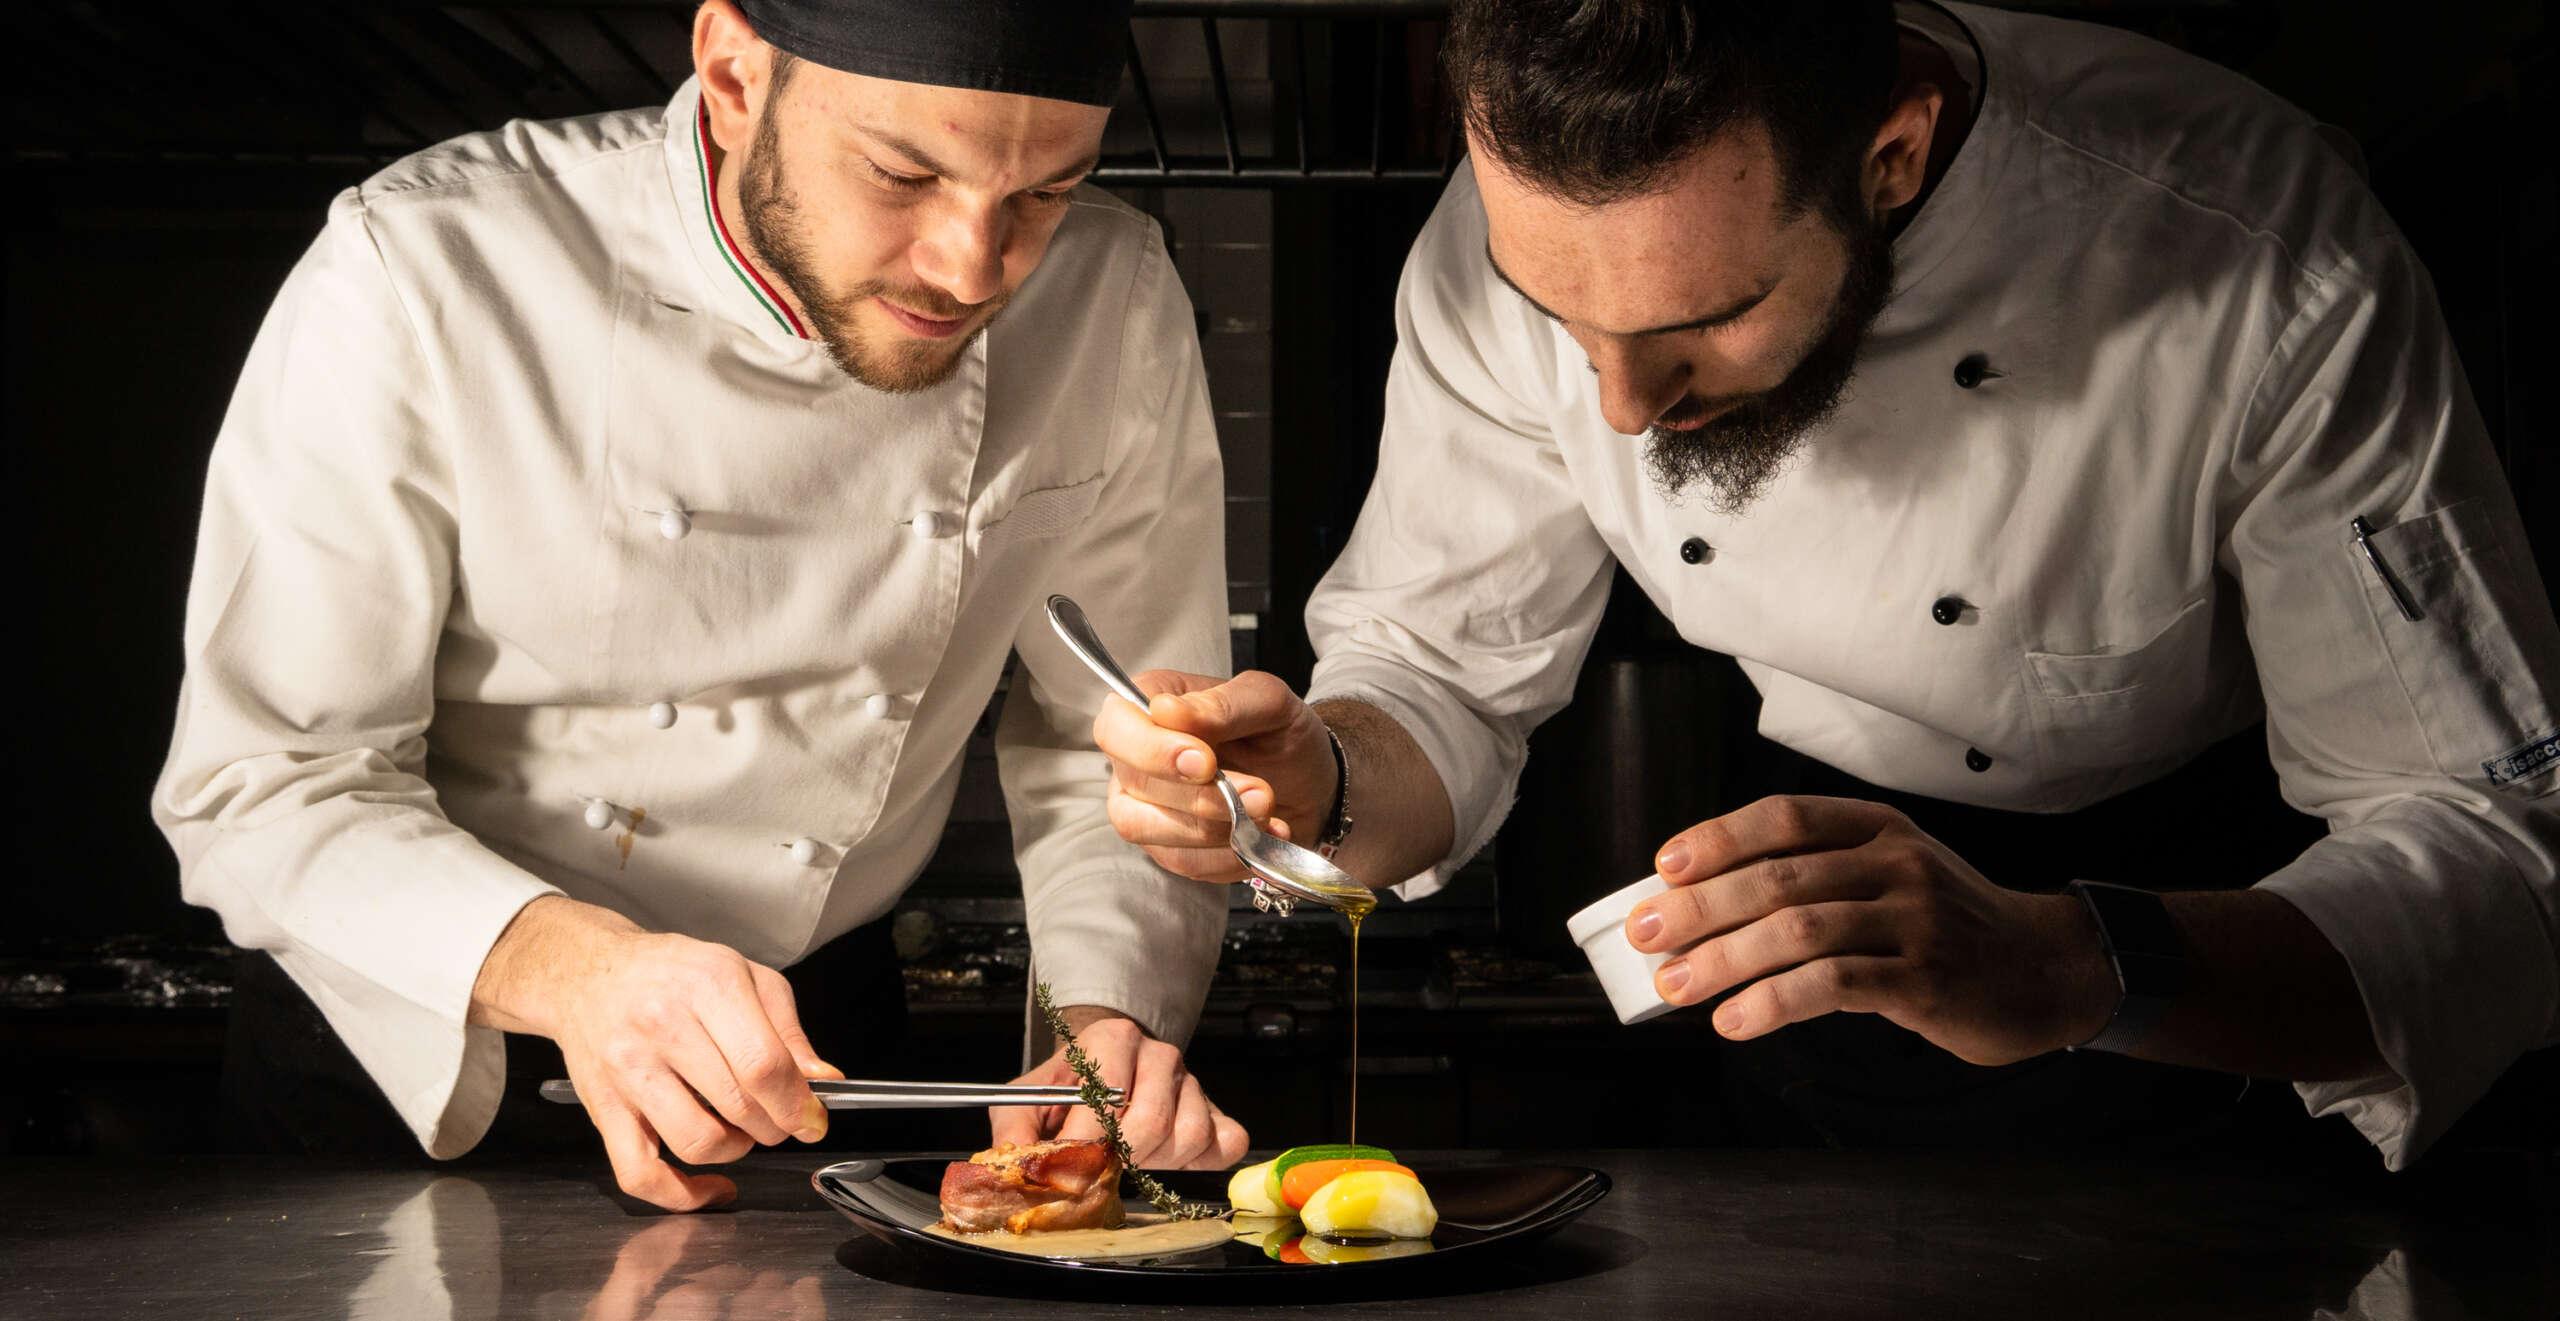 chef-matrimonio-che-prepara-un-piatto